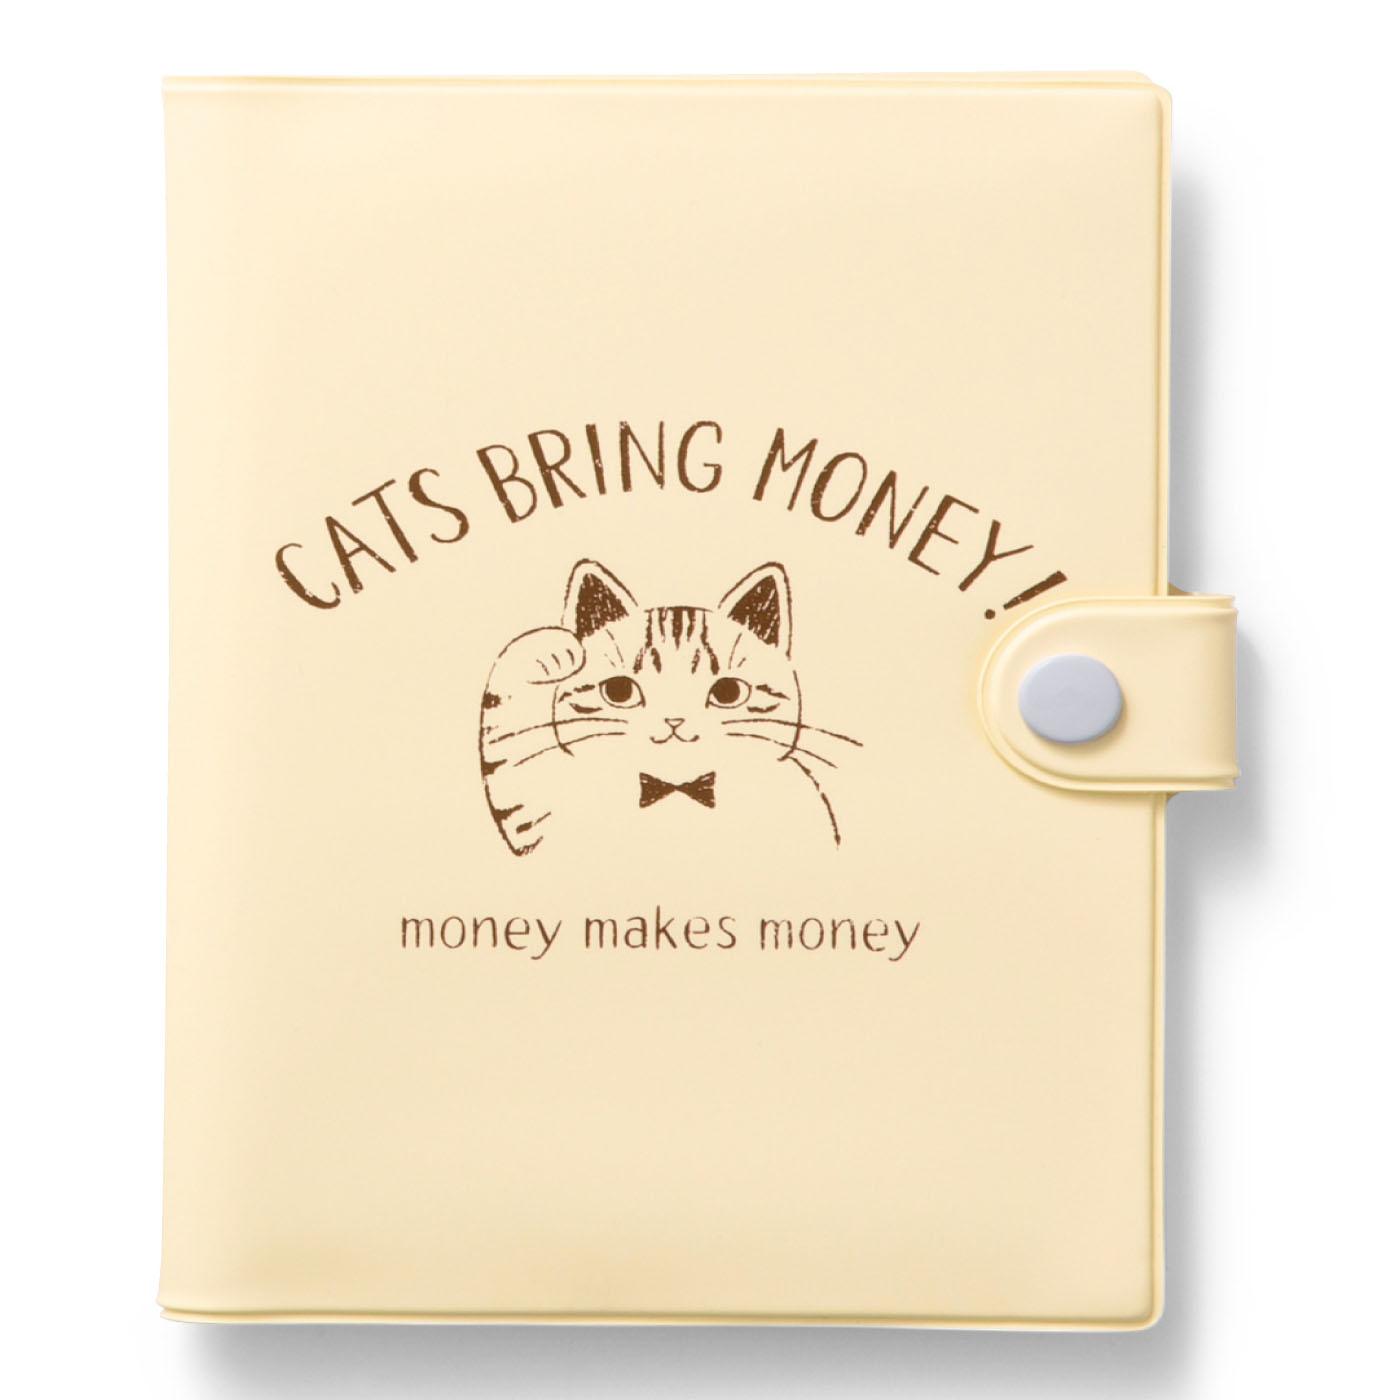 〈バニラ〉お金を招くと言われている右手を上げた猫のイラストが描かれています。